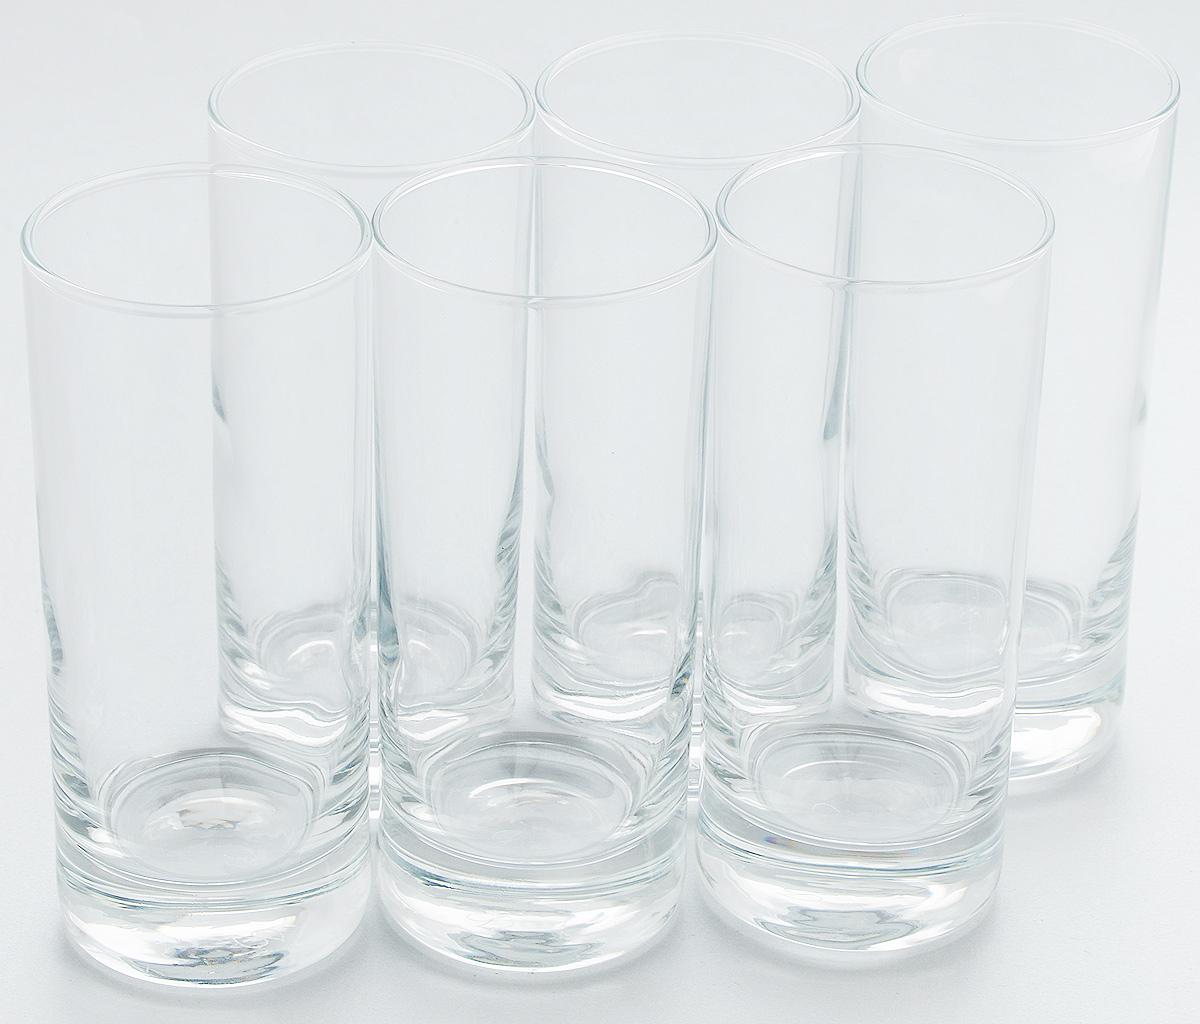 Набор стаканов Pasabahce Side, 290 мл, 6 шт. 42439B42439BНабор Pasabahce состоит из шести стаканов, выполненных из натрий-кальций-силикатного стекла. Изделия предназначены для подачи сока, воды, компота и другихнапитков. Такие стаканы станут идеальным украшением праздничного стола и отличным подарком к любомупразднику.Высота стакана: 15 см.